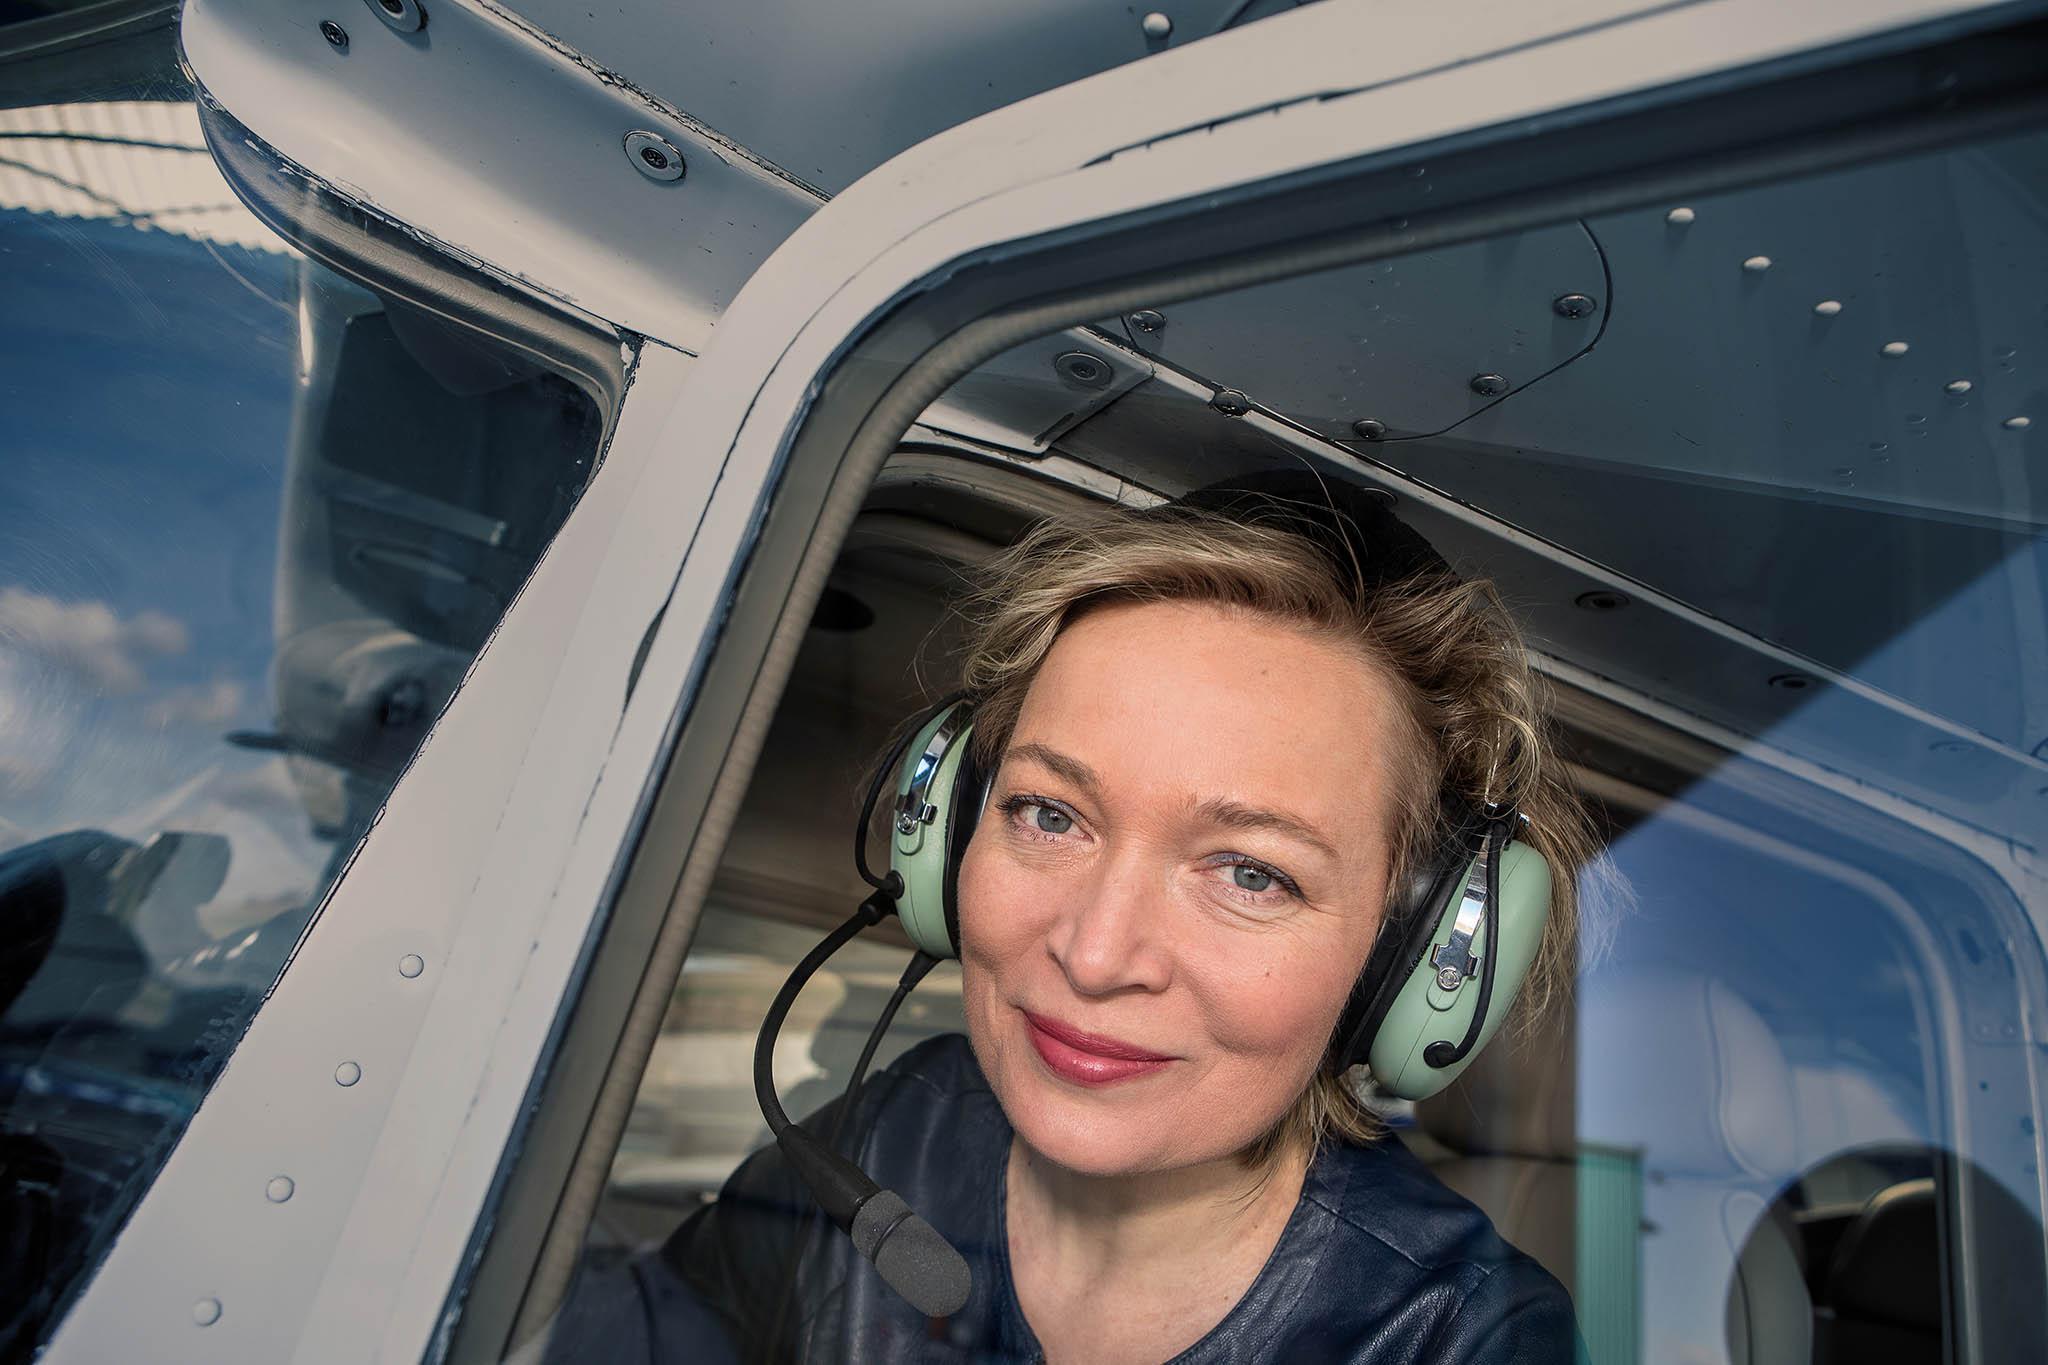 Spoluzakladatelka společnosti IdeaSense Kateřina ČihákováAilová